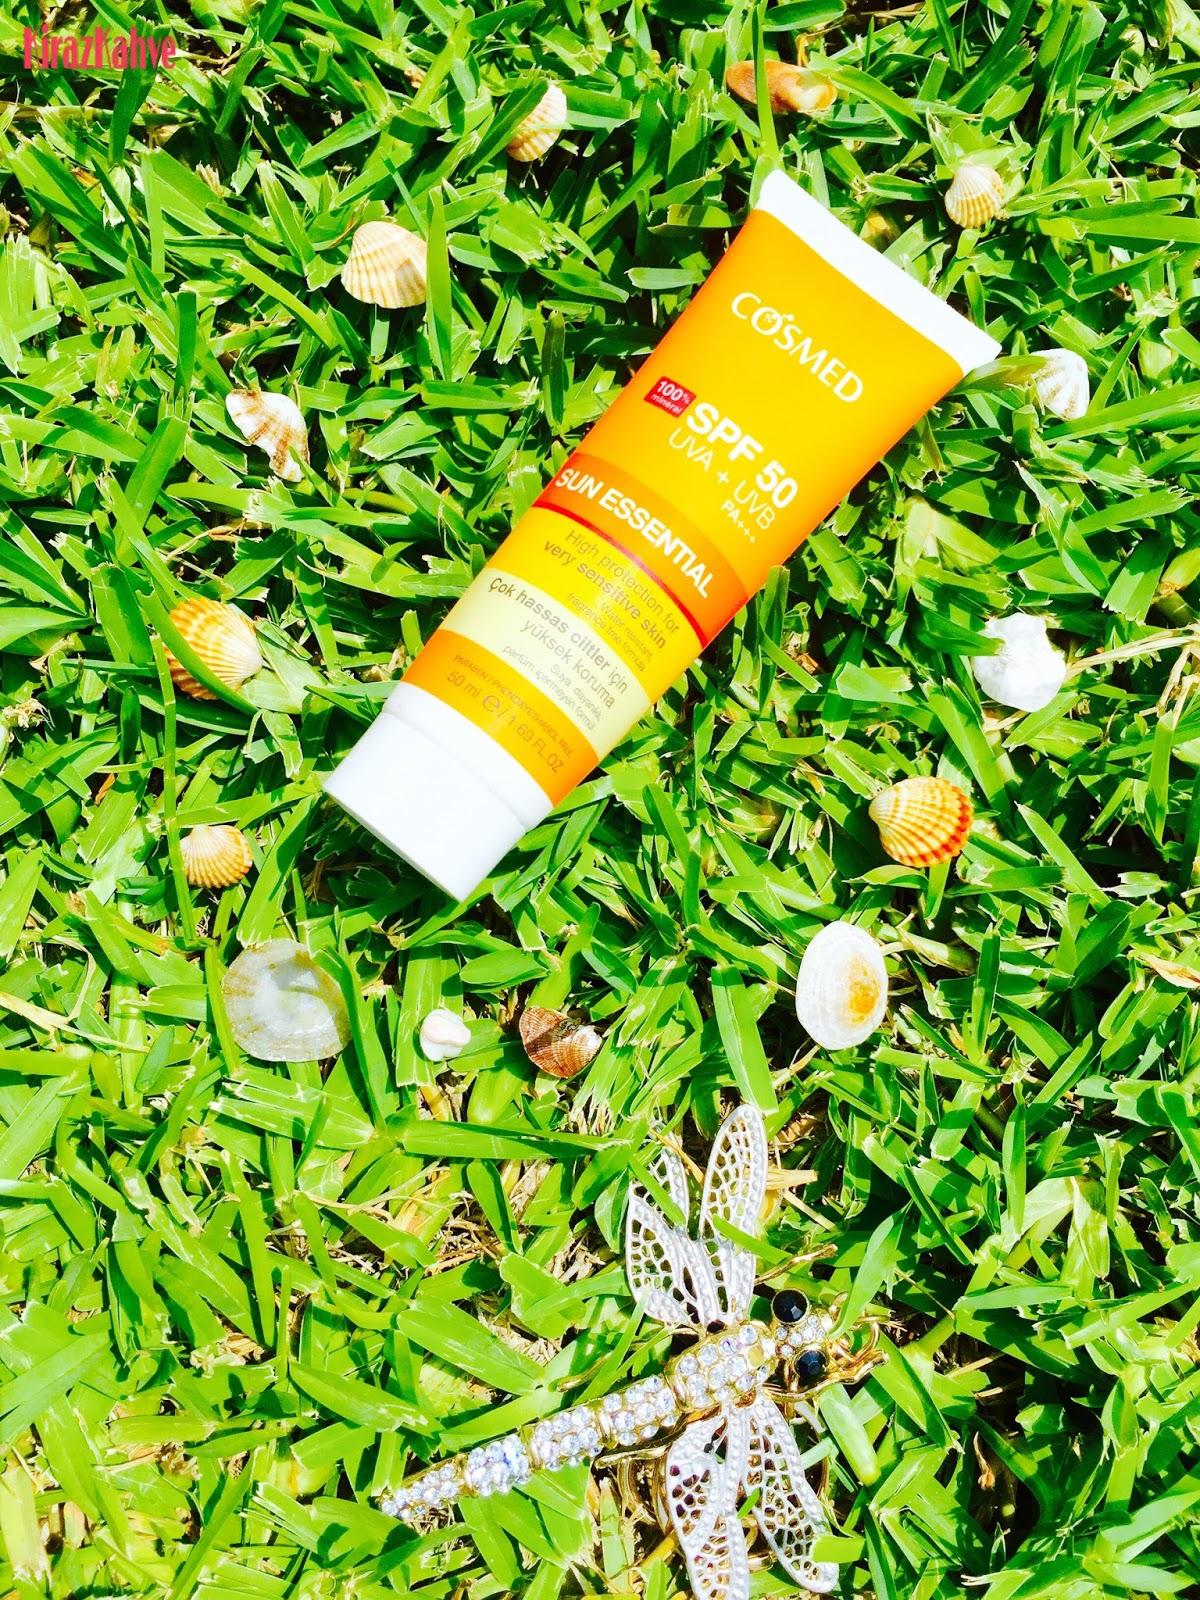 Cosmed Sun Essential Çok Hassas Ciltler İçin Güneş Koruyucu SPF 50